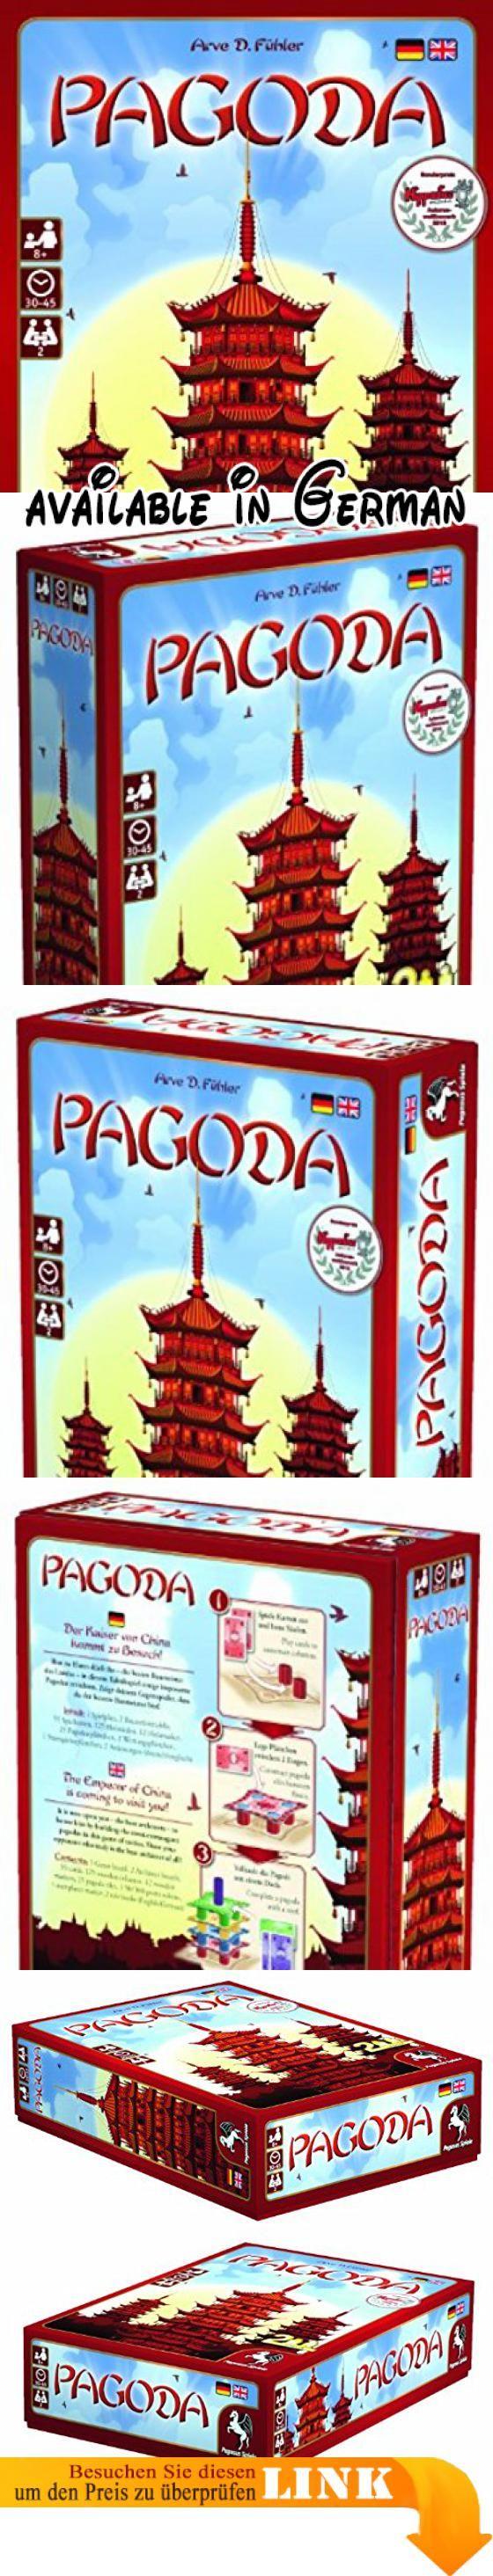 Pegasus Spiele 51891G - Pagoda. 2 Spieler. ab 8 Jahren. 30-45 Min. Spieldauer. von Arve D. Fühler #Toy #TOYS_AND_GAMES